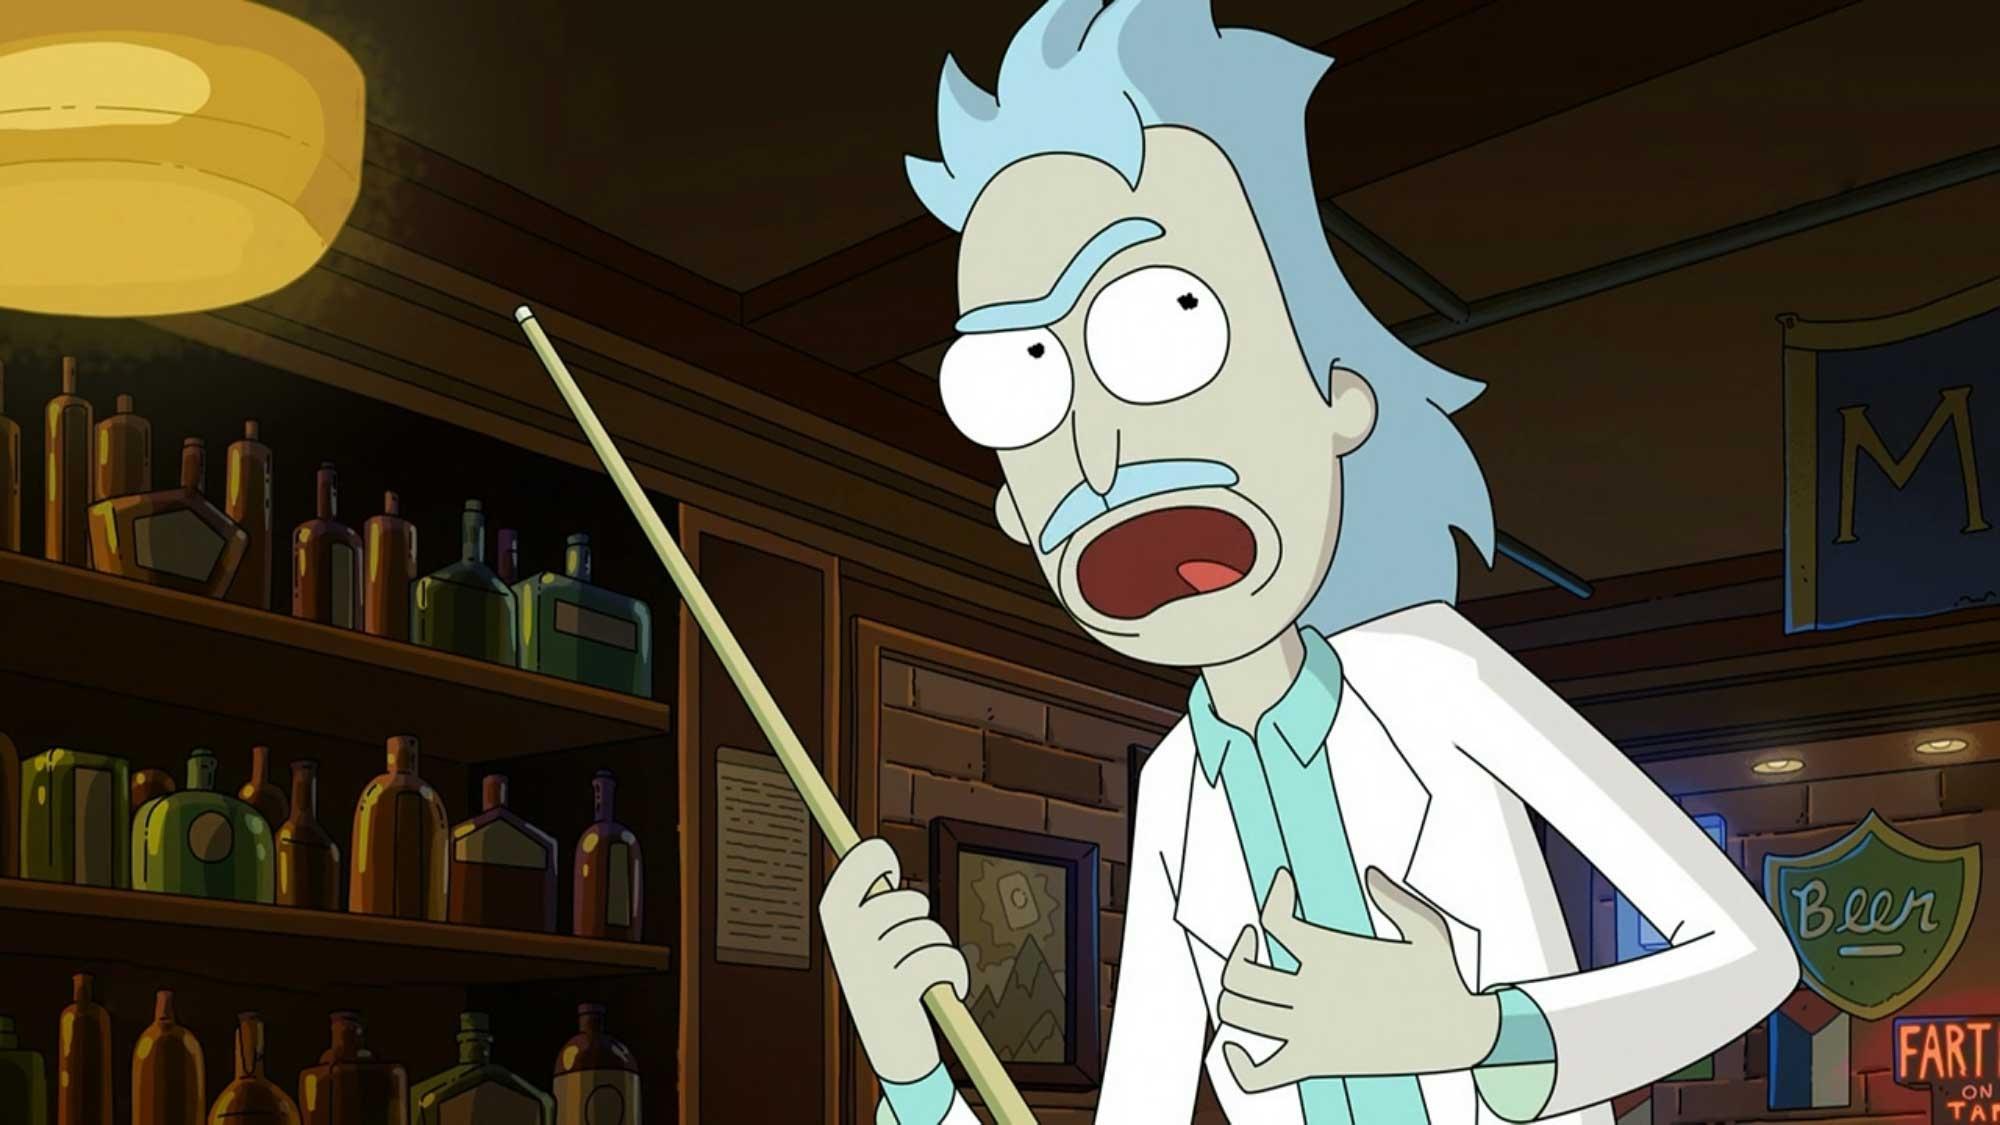 Rick alternatif